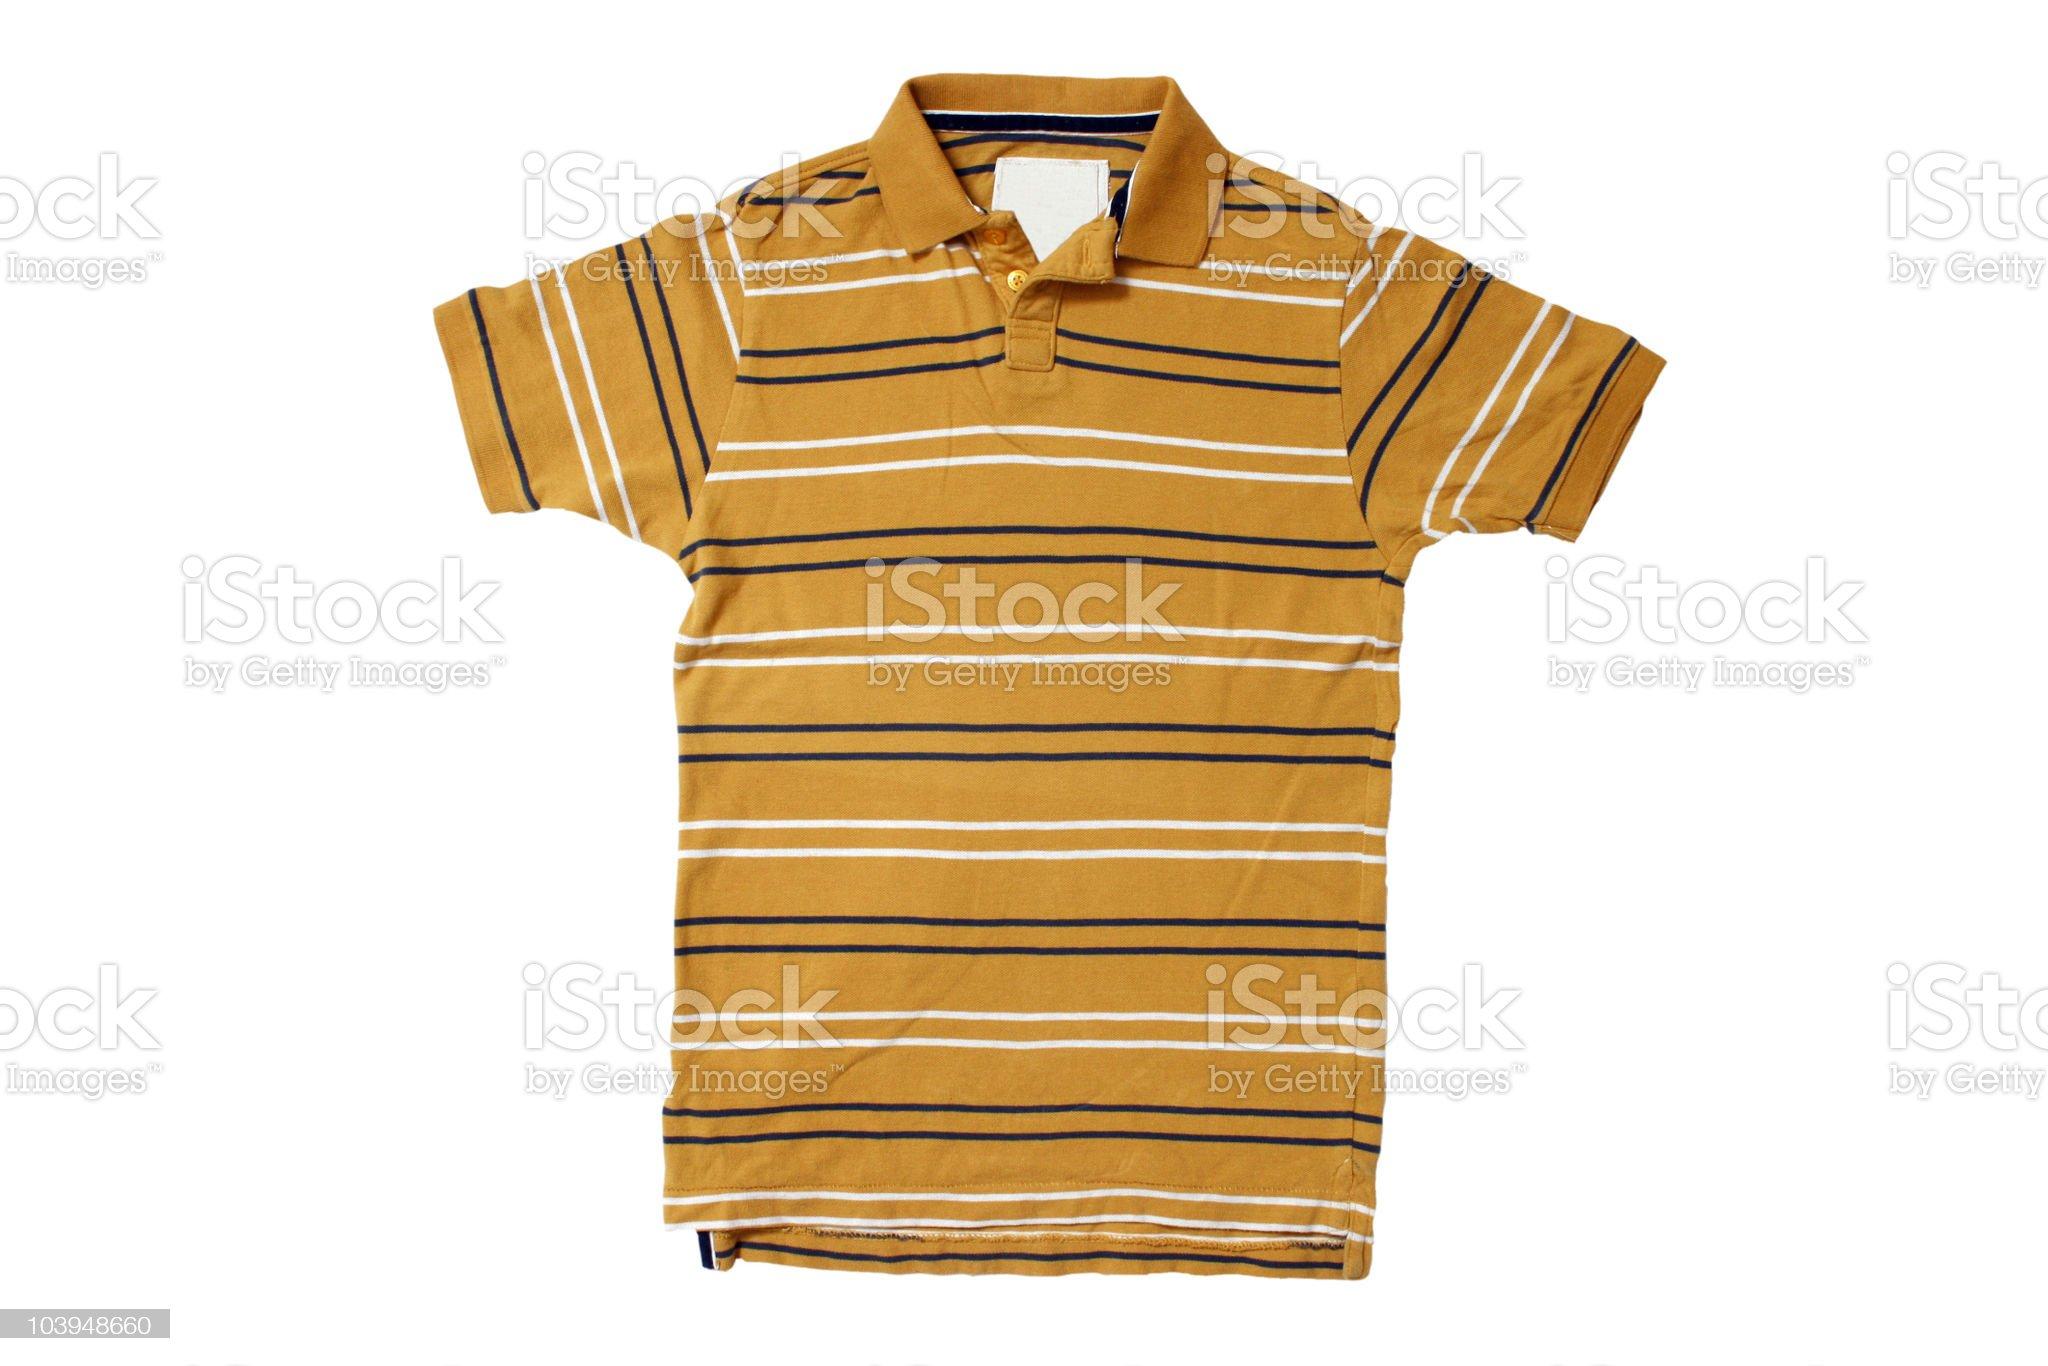 Yellow Polo Shirt With White/Blue Stripes - White Background royalty-free stock photo